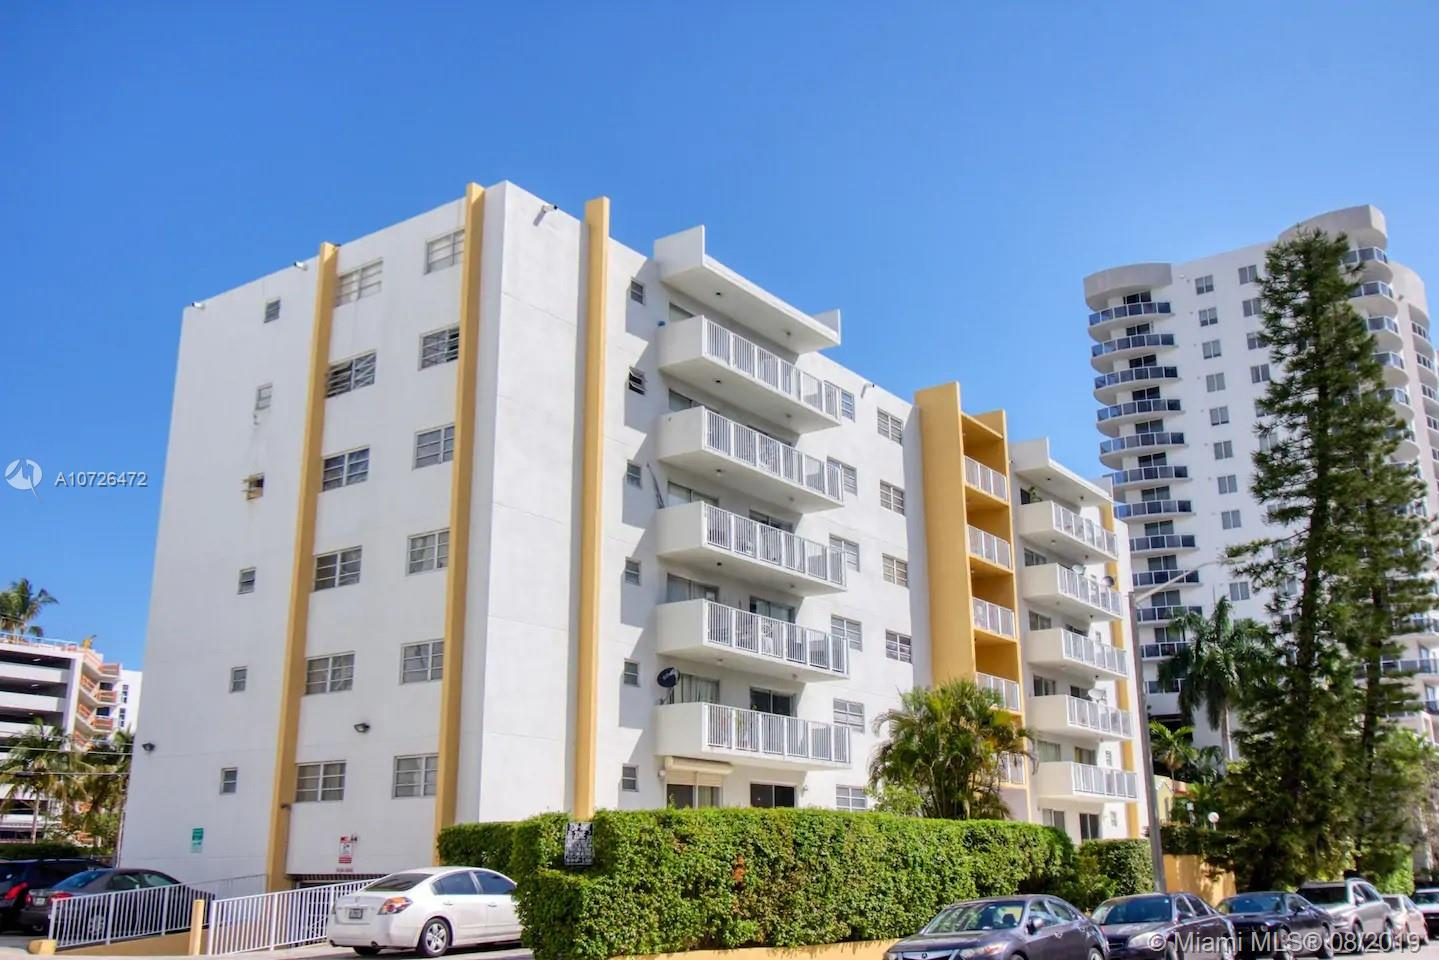 439 NE 23rd St, Miami, FL 33129